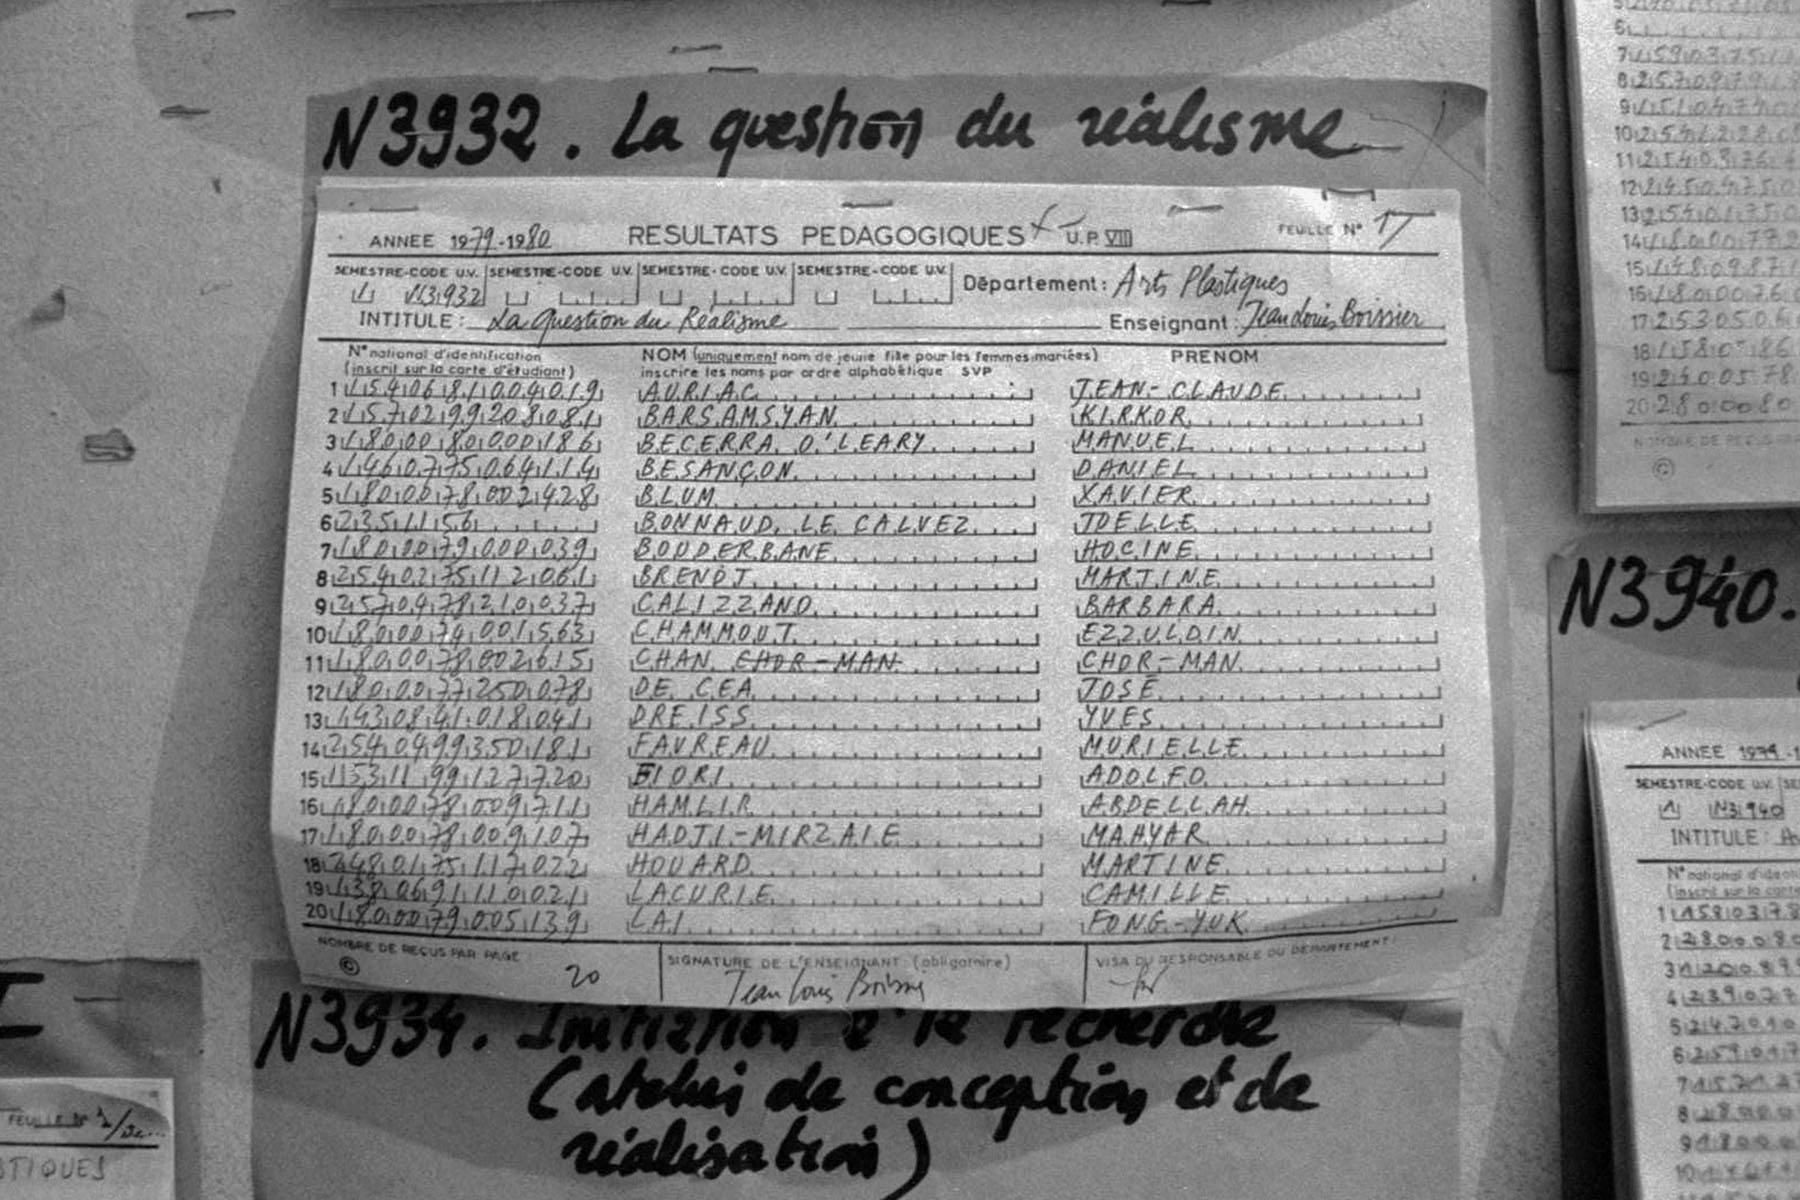 vincennes-uv-realisme-1980-1800